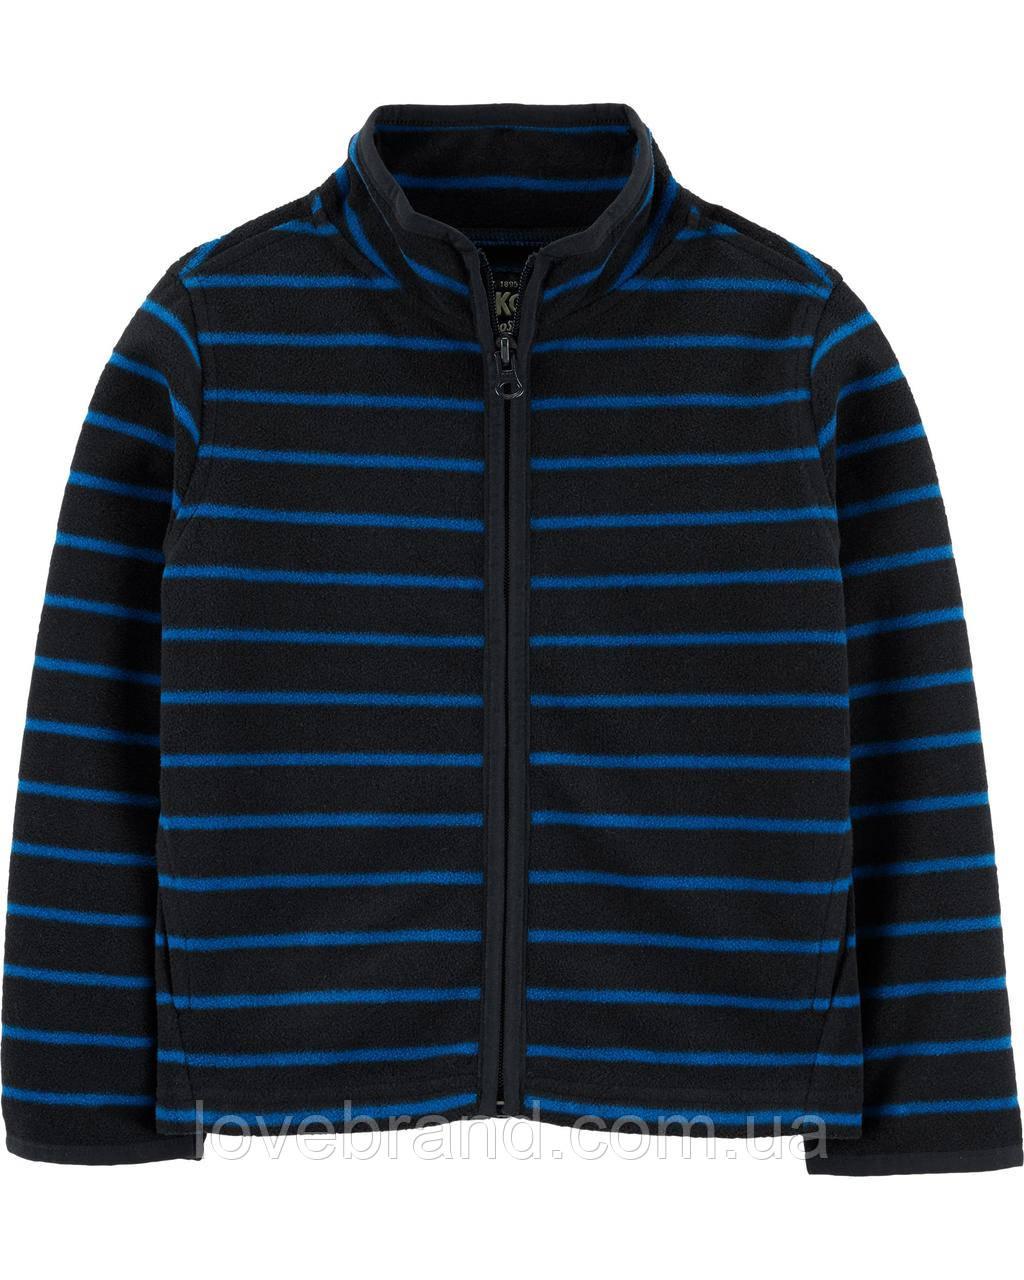 Теплая флисовая кофта на замочке для мальчика OshKosh полоска  7л./121-128 см